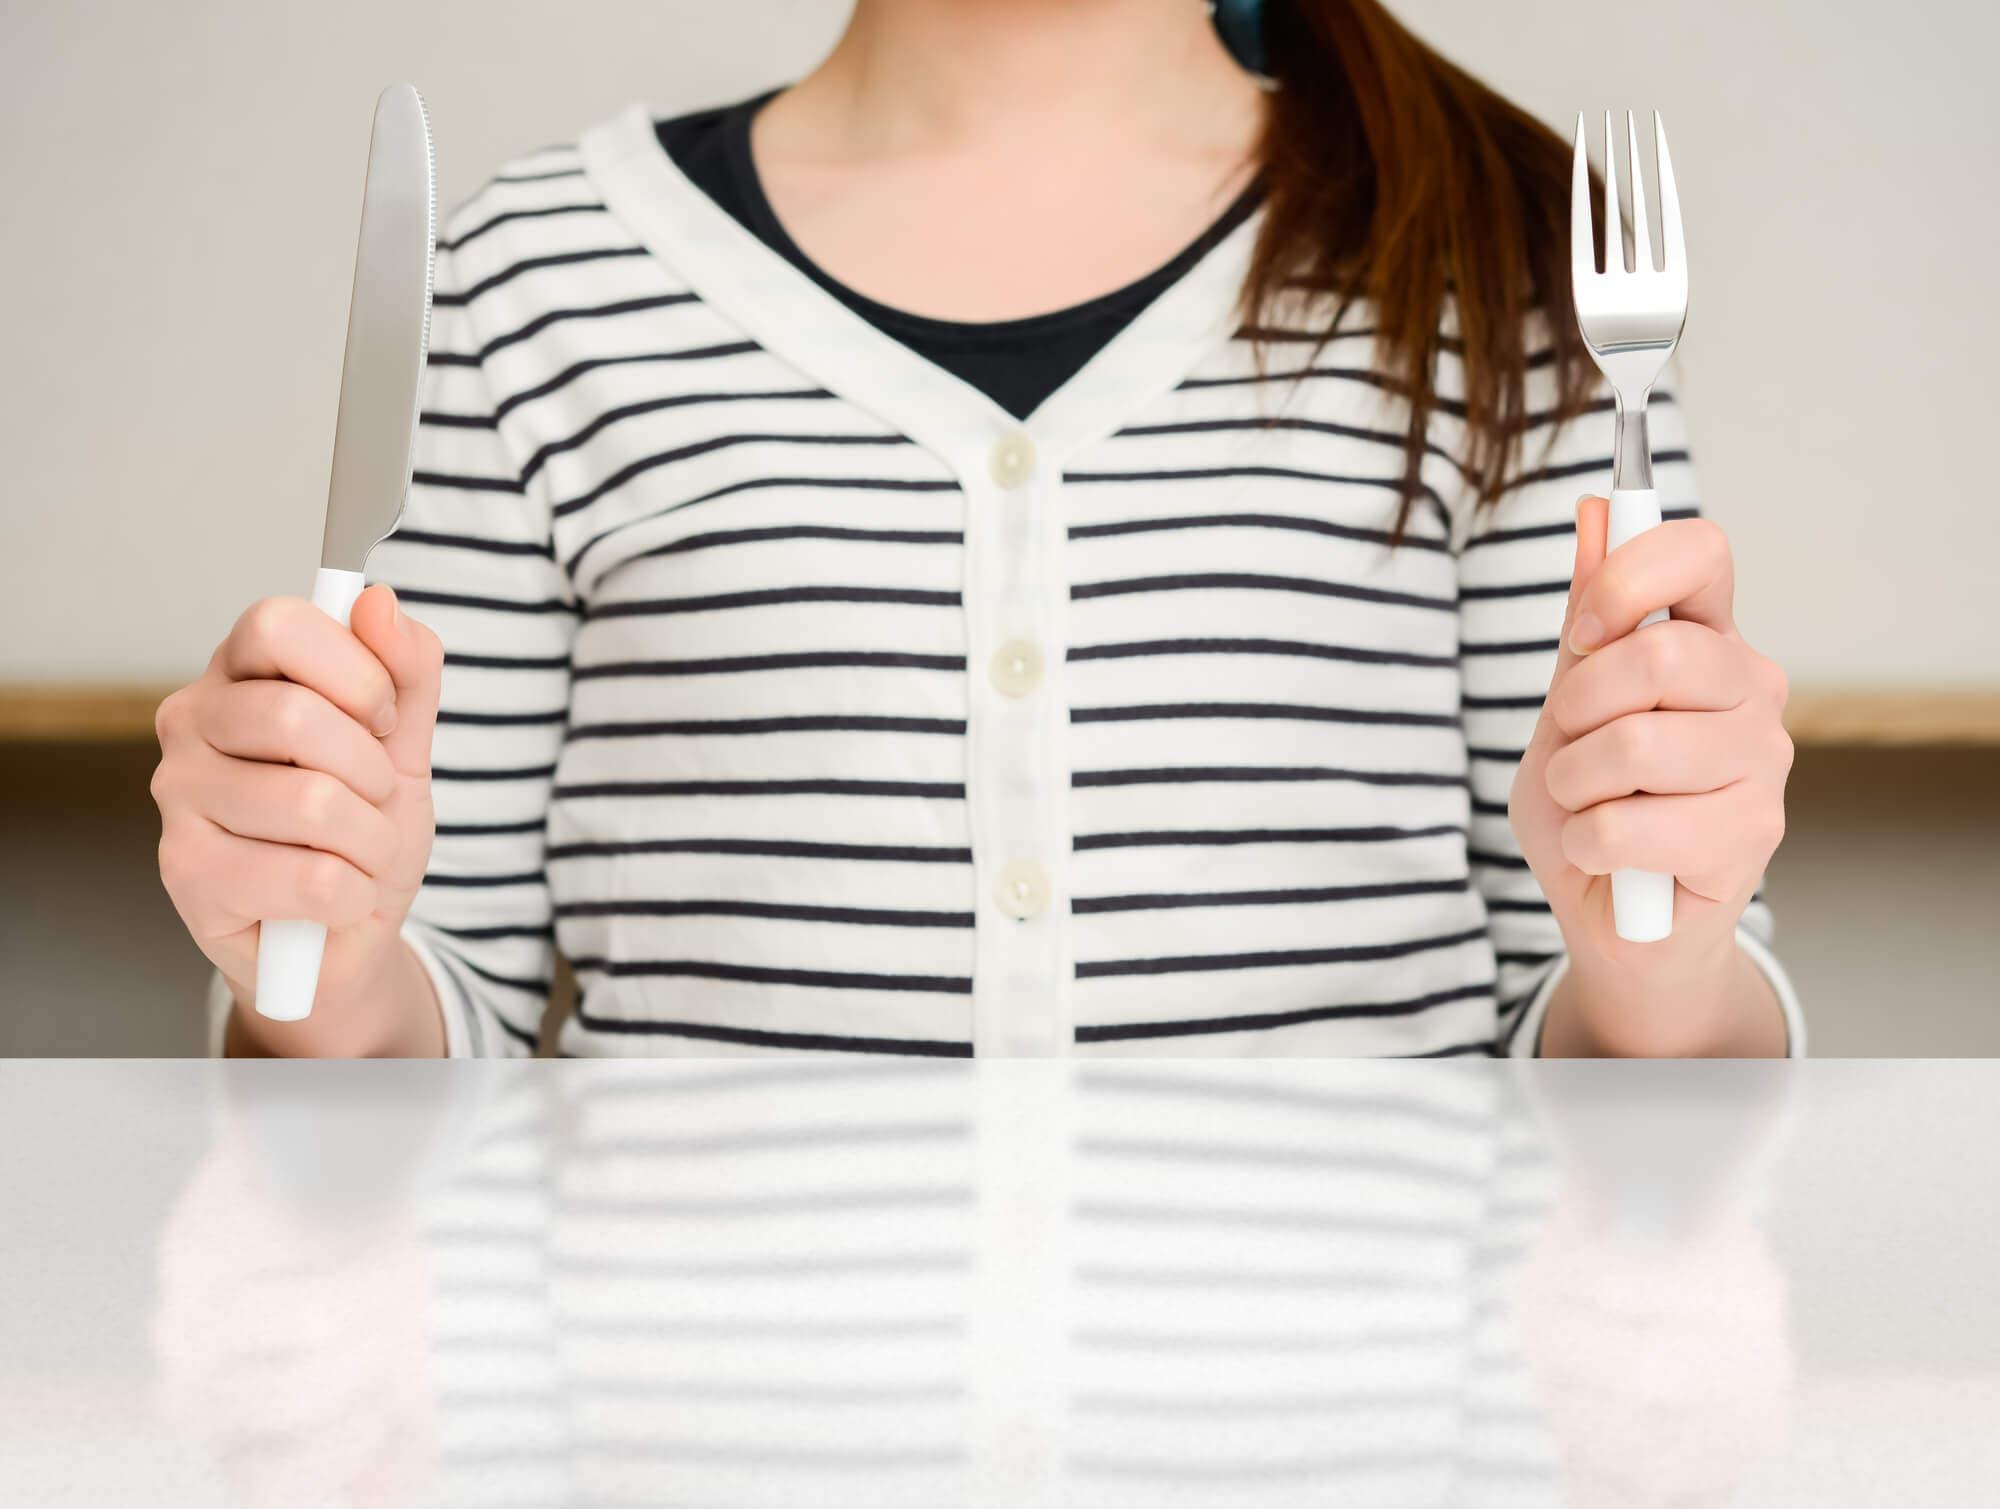 【レシピ付き】妊活中の食事にとり入れたい四つの食べ物